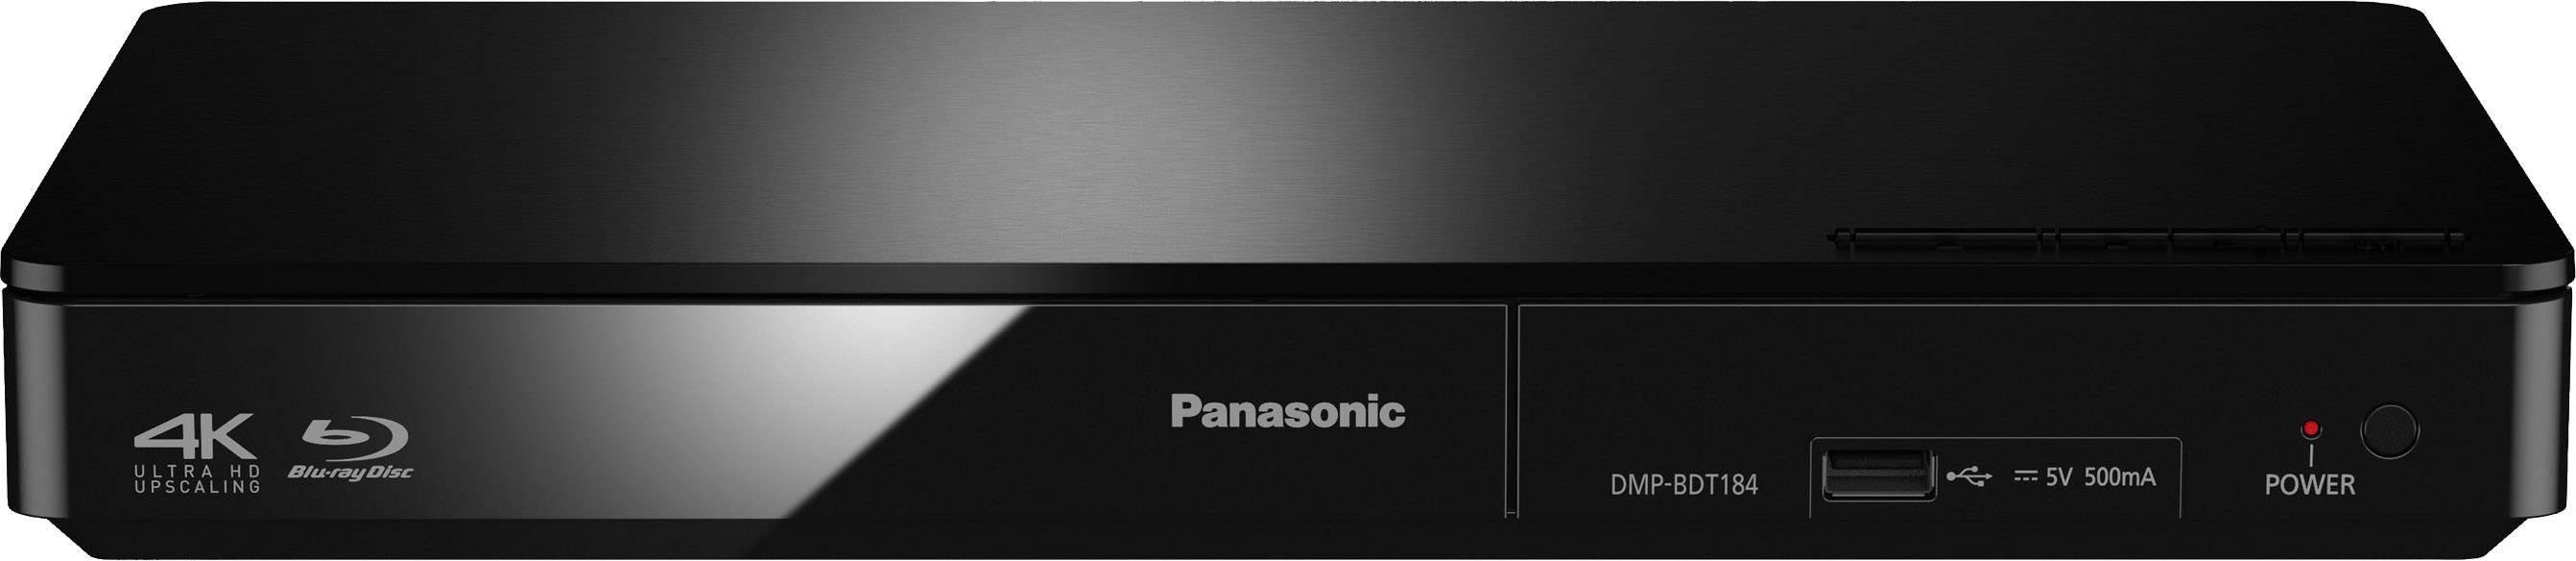 3D Blu-Ray přehrávač Panasonic DMP-BDT184, černá